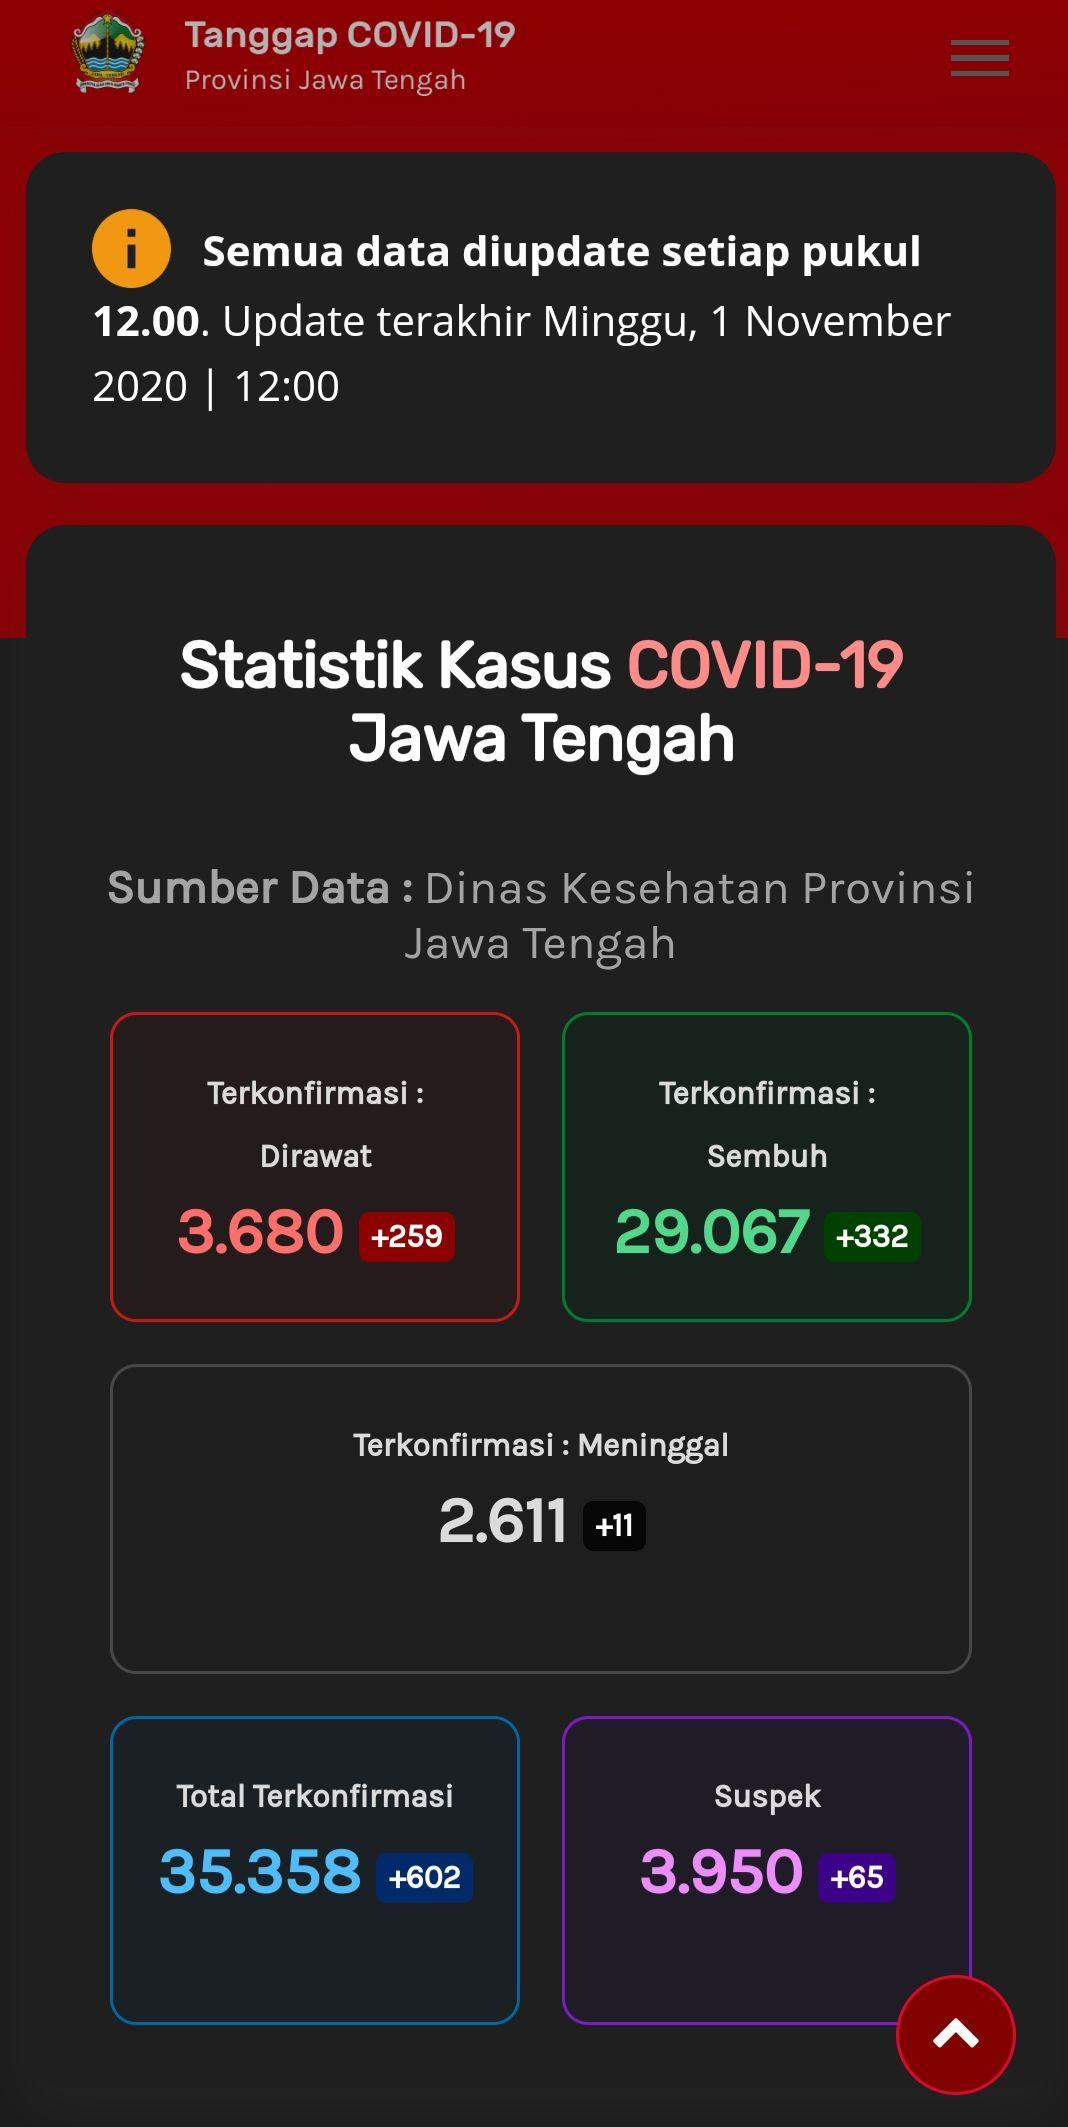 Update kasus virus Corona di Jawa Tengah, Minggu (1/11/2020) pukul 12.00 WIB.